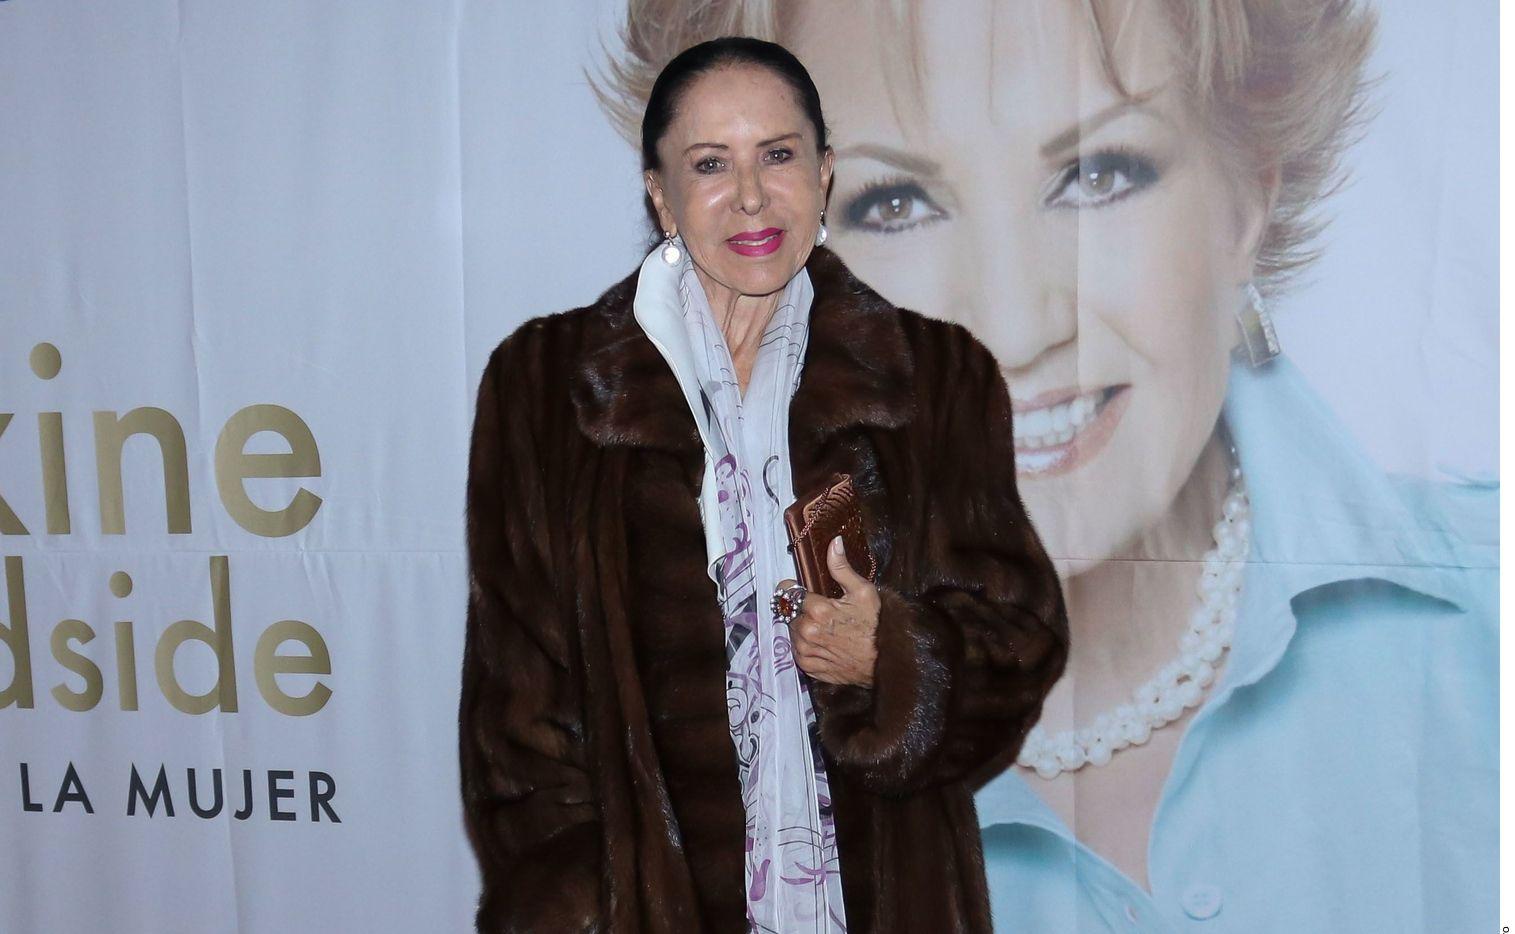 La actriz mexicana Lilia Aragón falleció a los 82 años de edad, según reveló la Asociación Nacional de Actores el 2 de agosto de 2021.